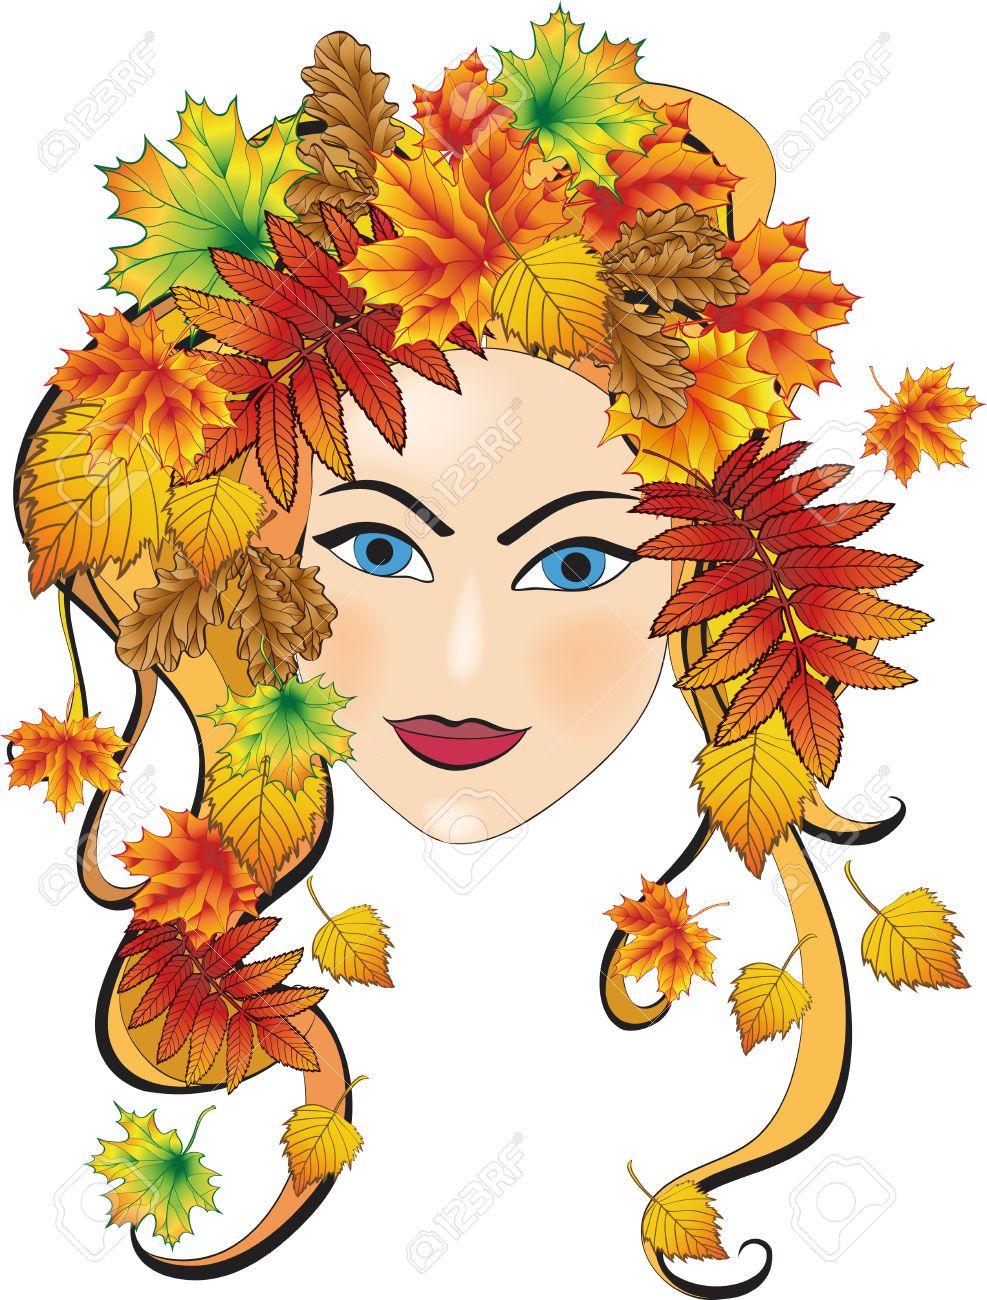 девушка осень рисунок для детей #4   сенсорные коробочки ...  Девушка Осень Рисунок